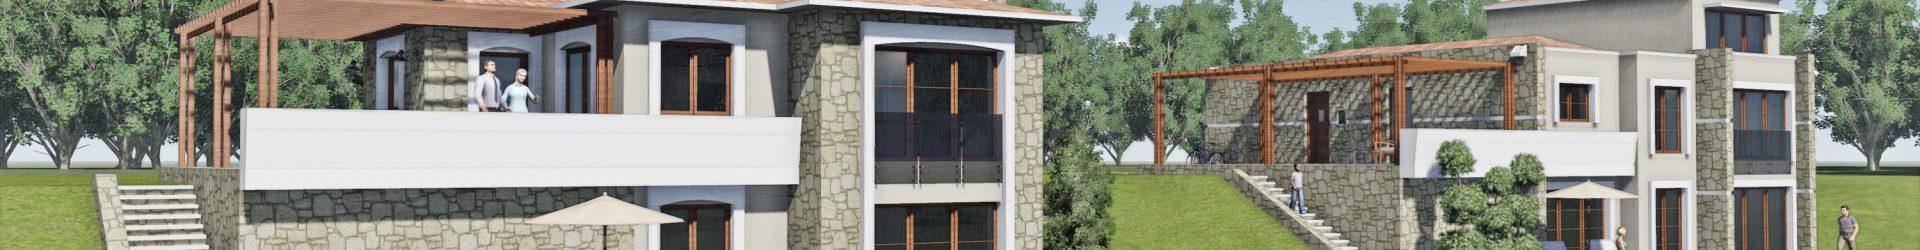 Urla Kekliktepe Villaları